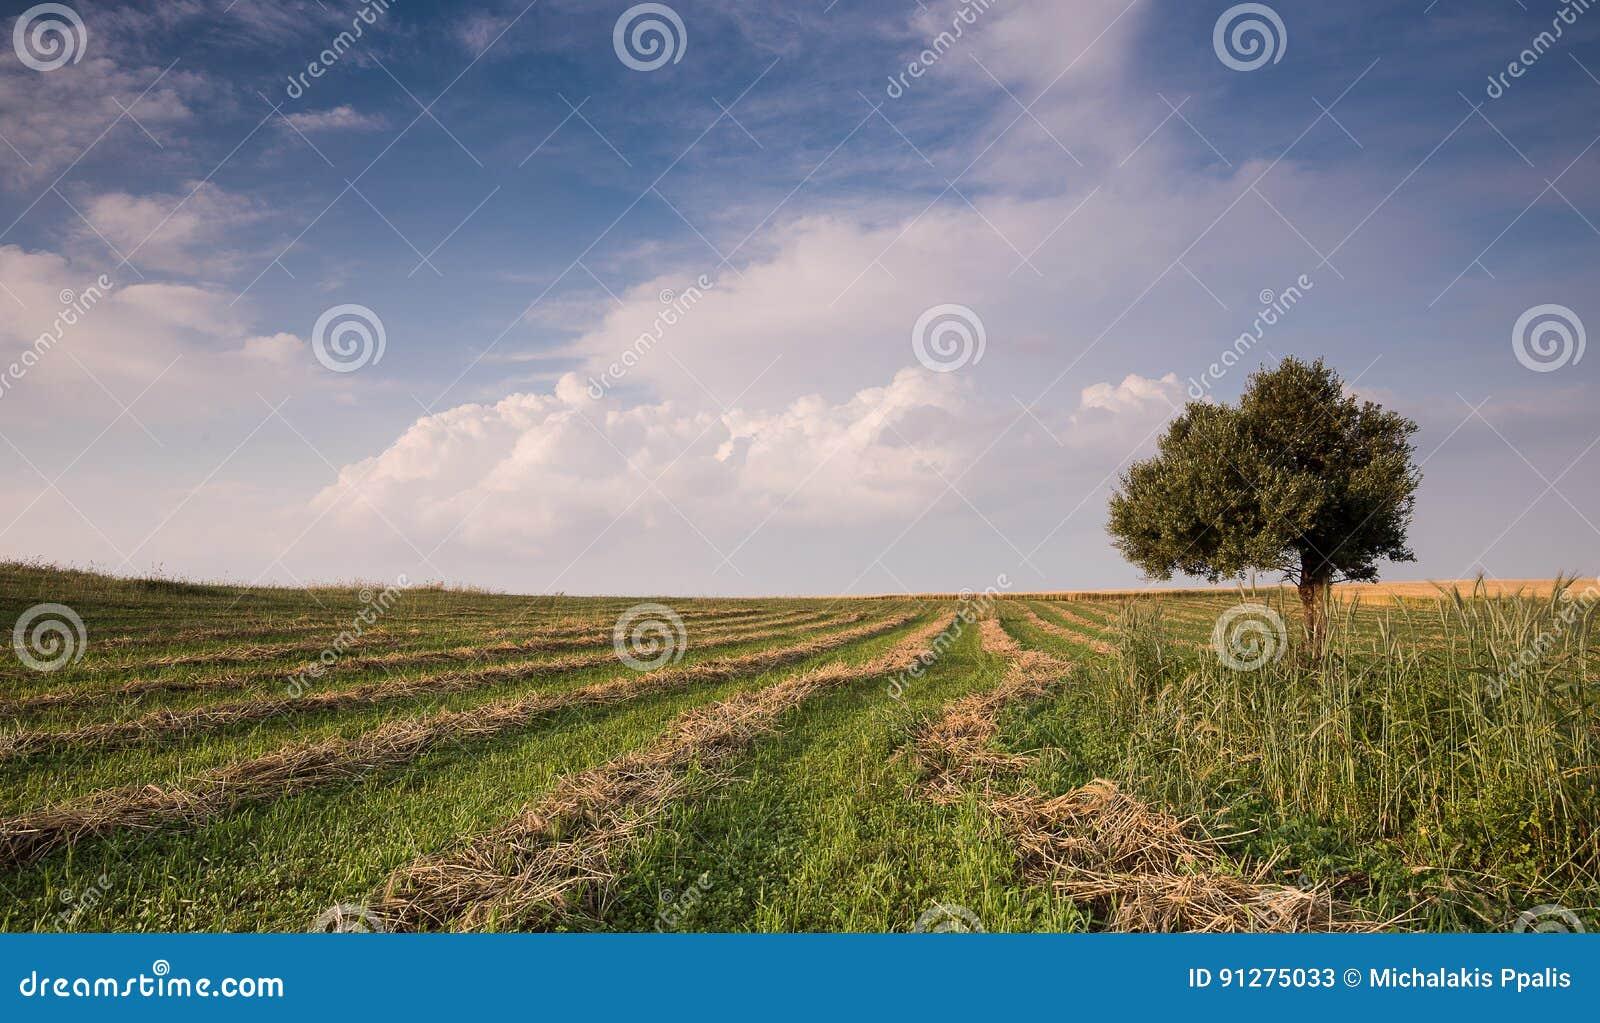 Ensam olivträd i ett grönt fält